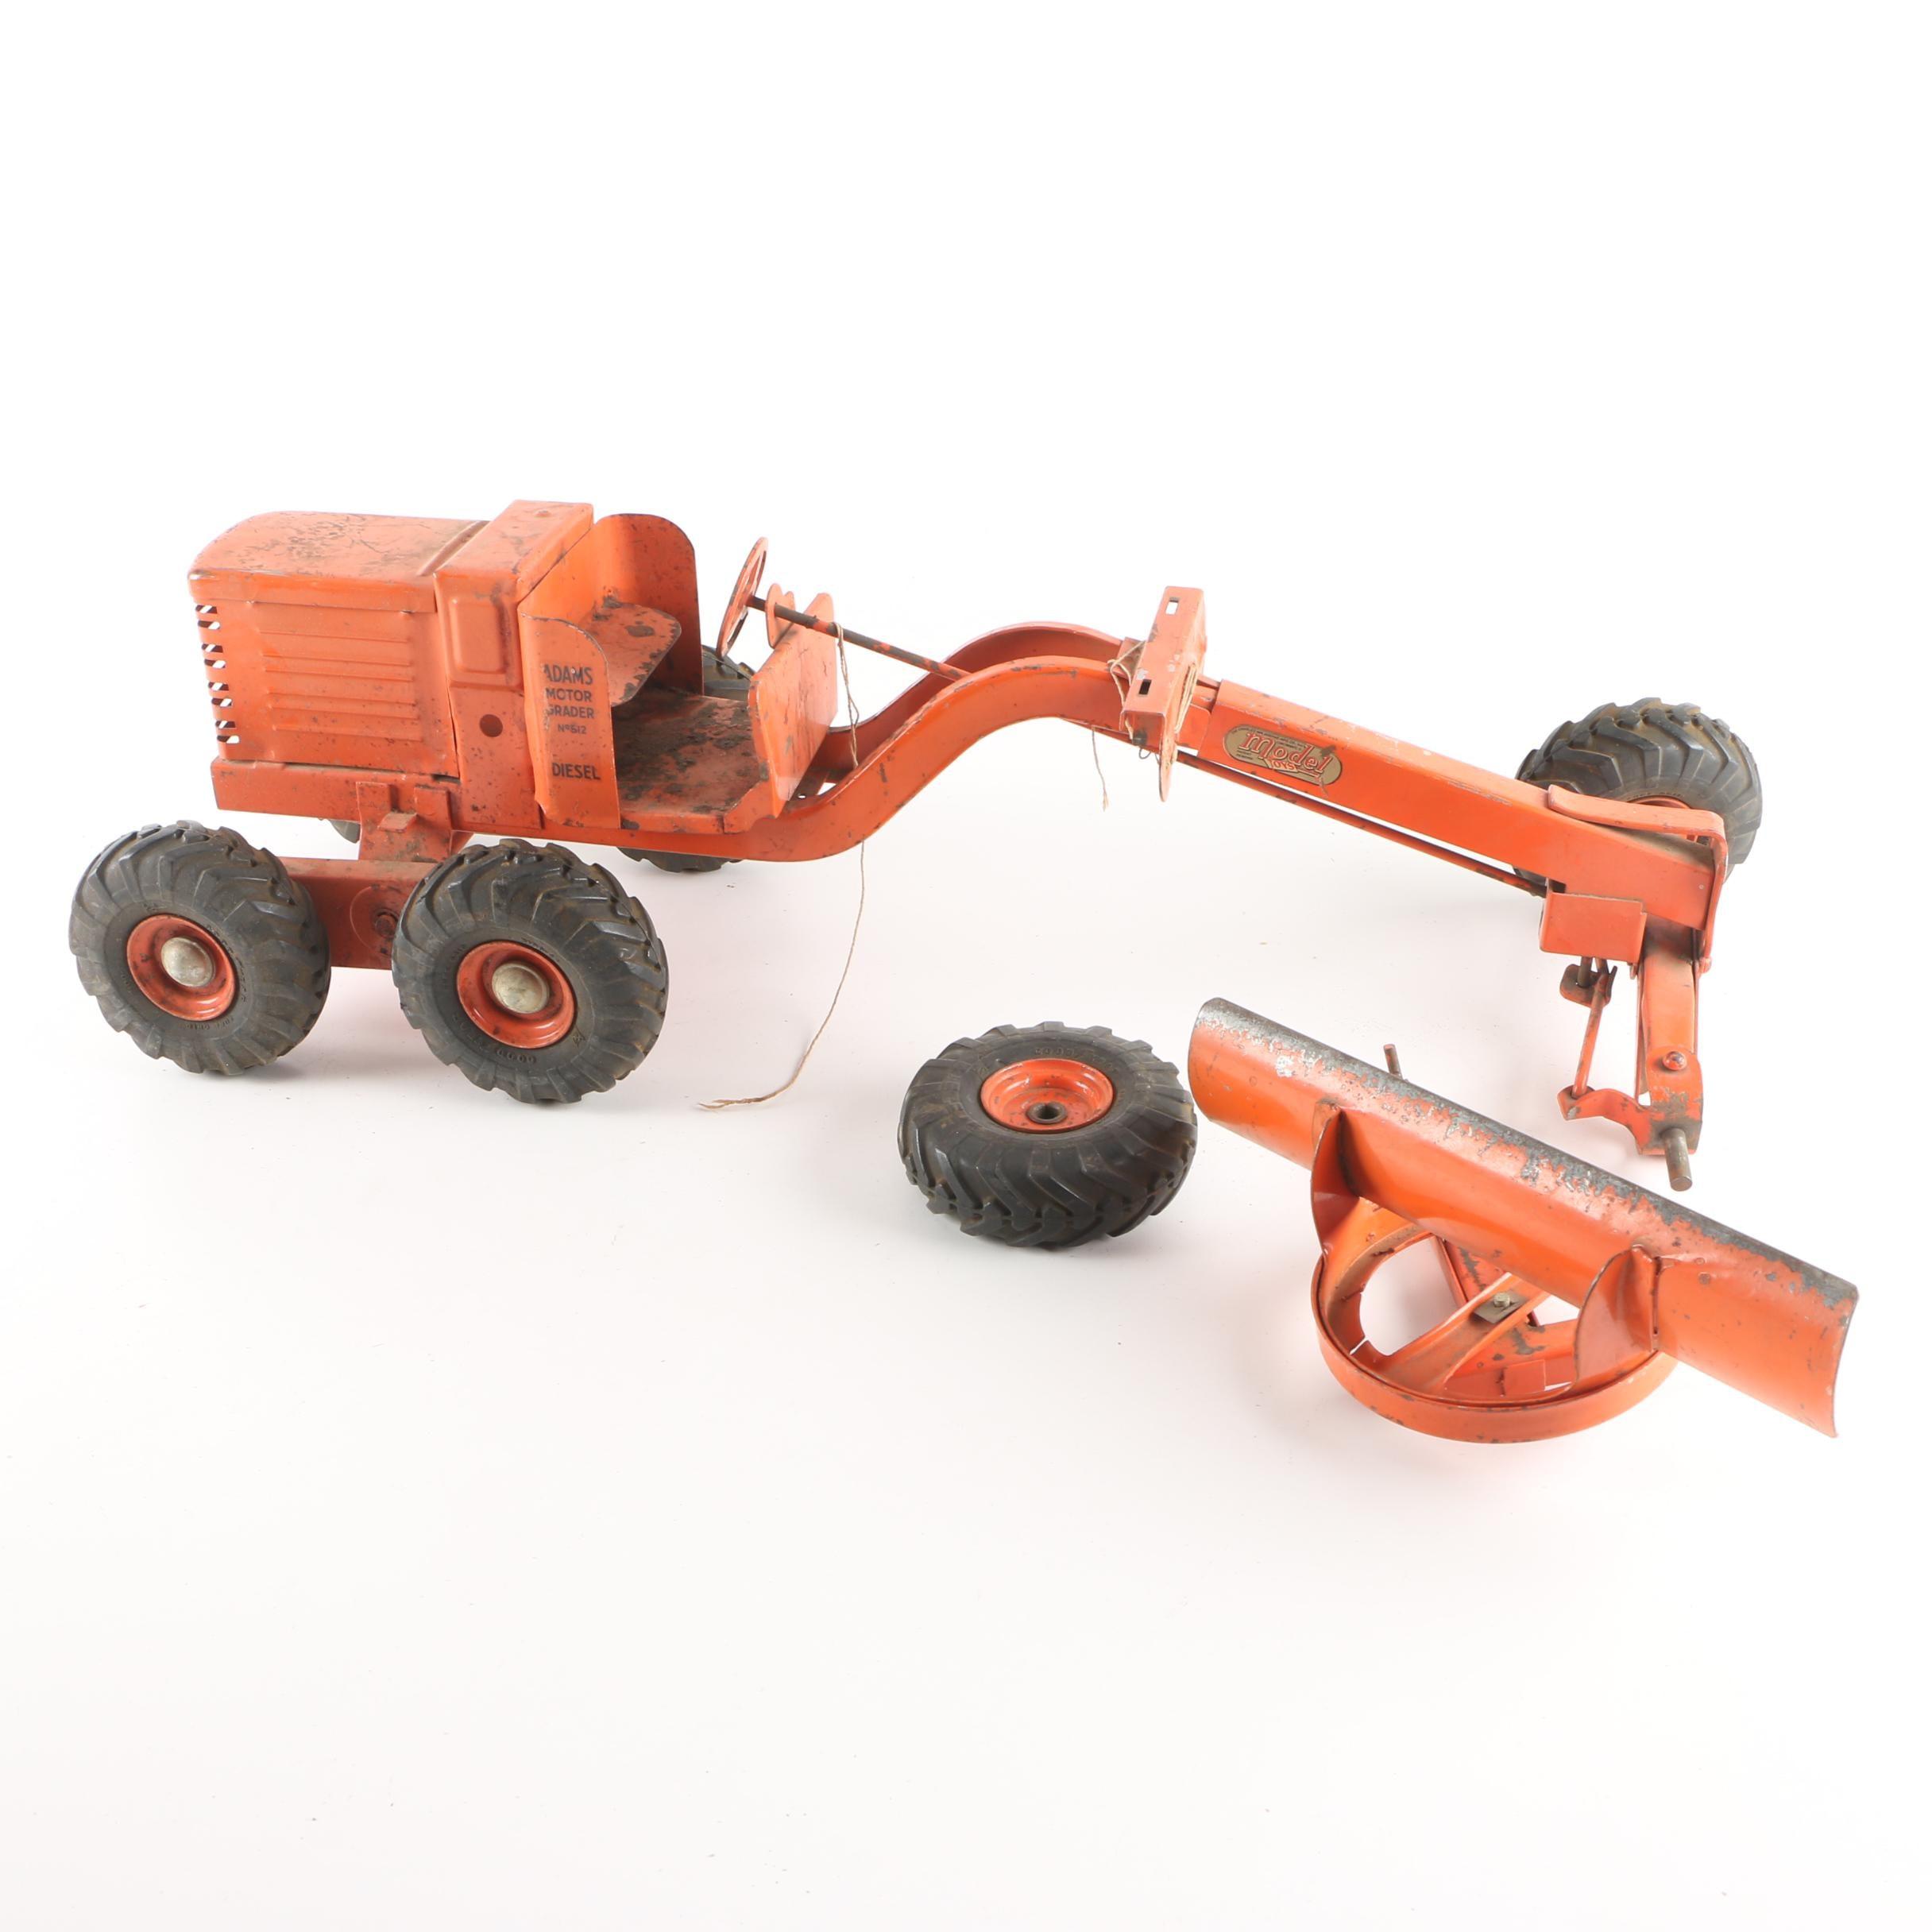 1950s Doepke Model Toys Pressed Steel Road Grader